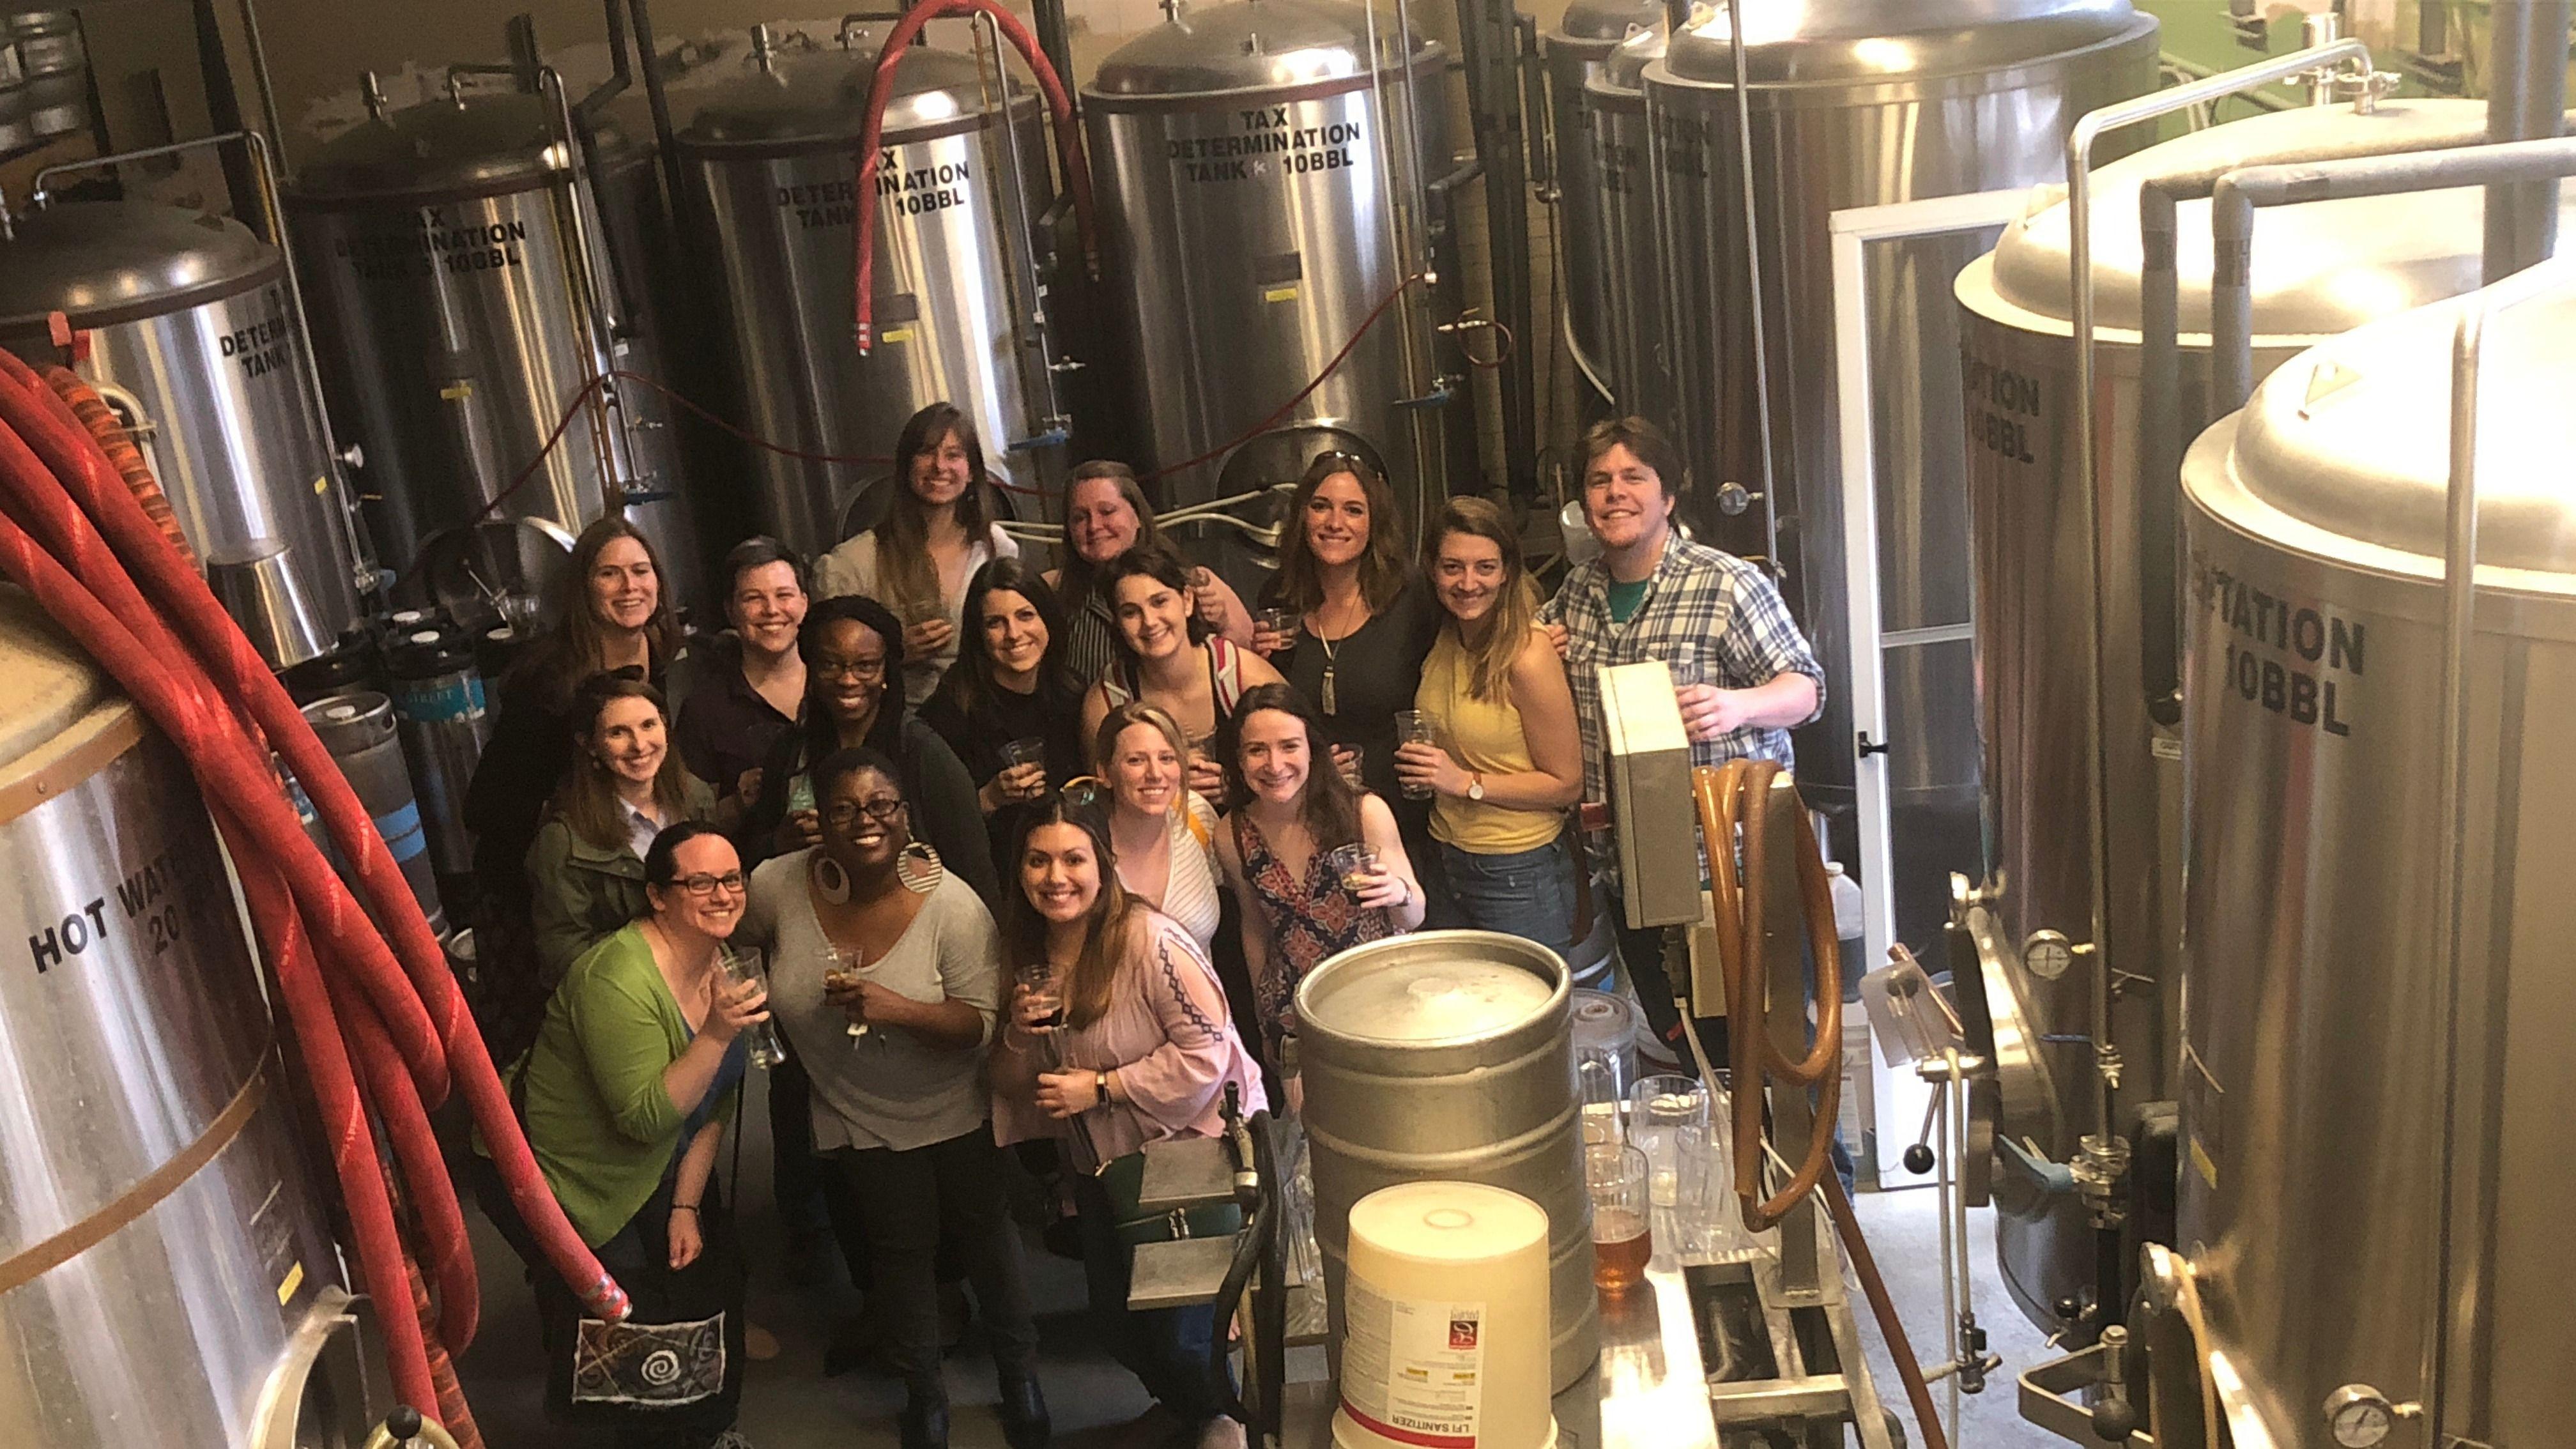 Beer Necessities (Women Who Love Beer) - Philadelphia